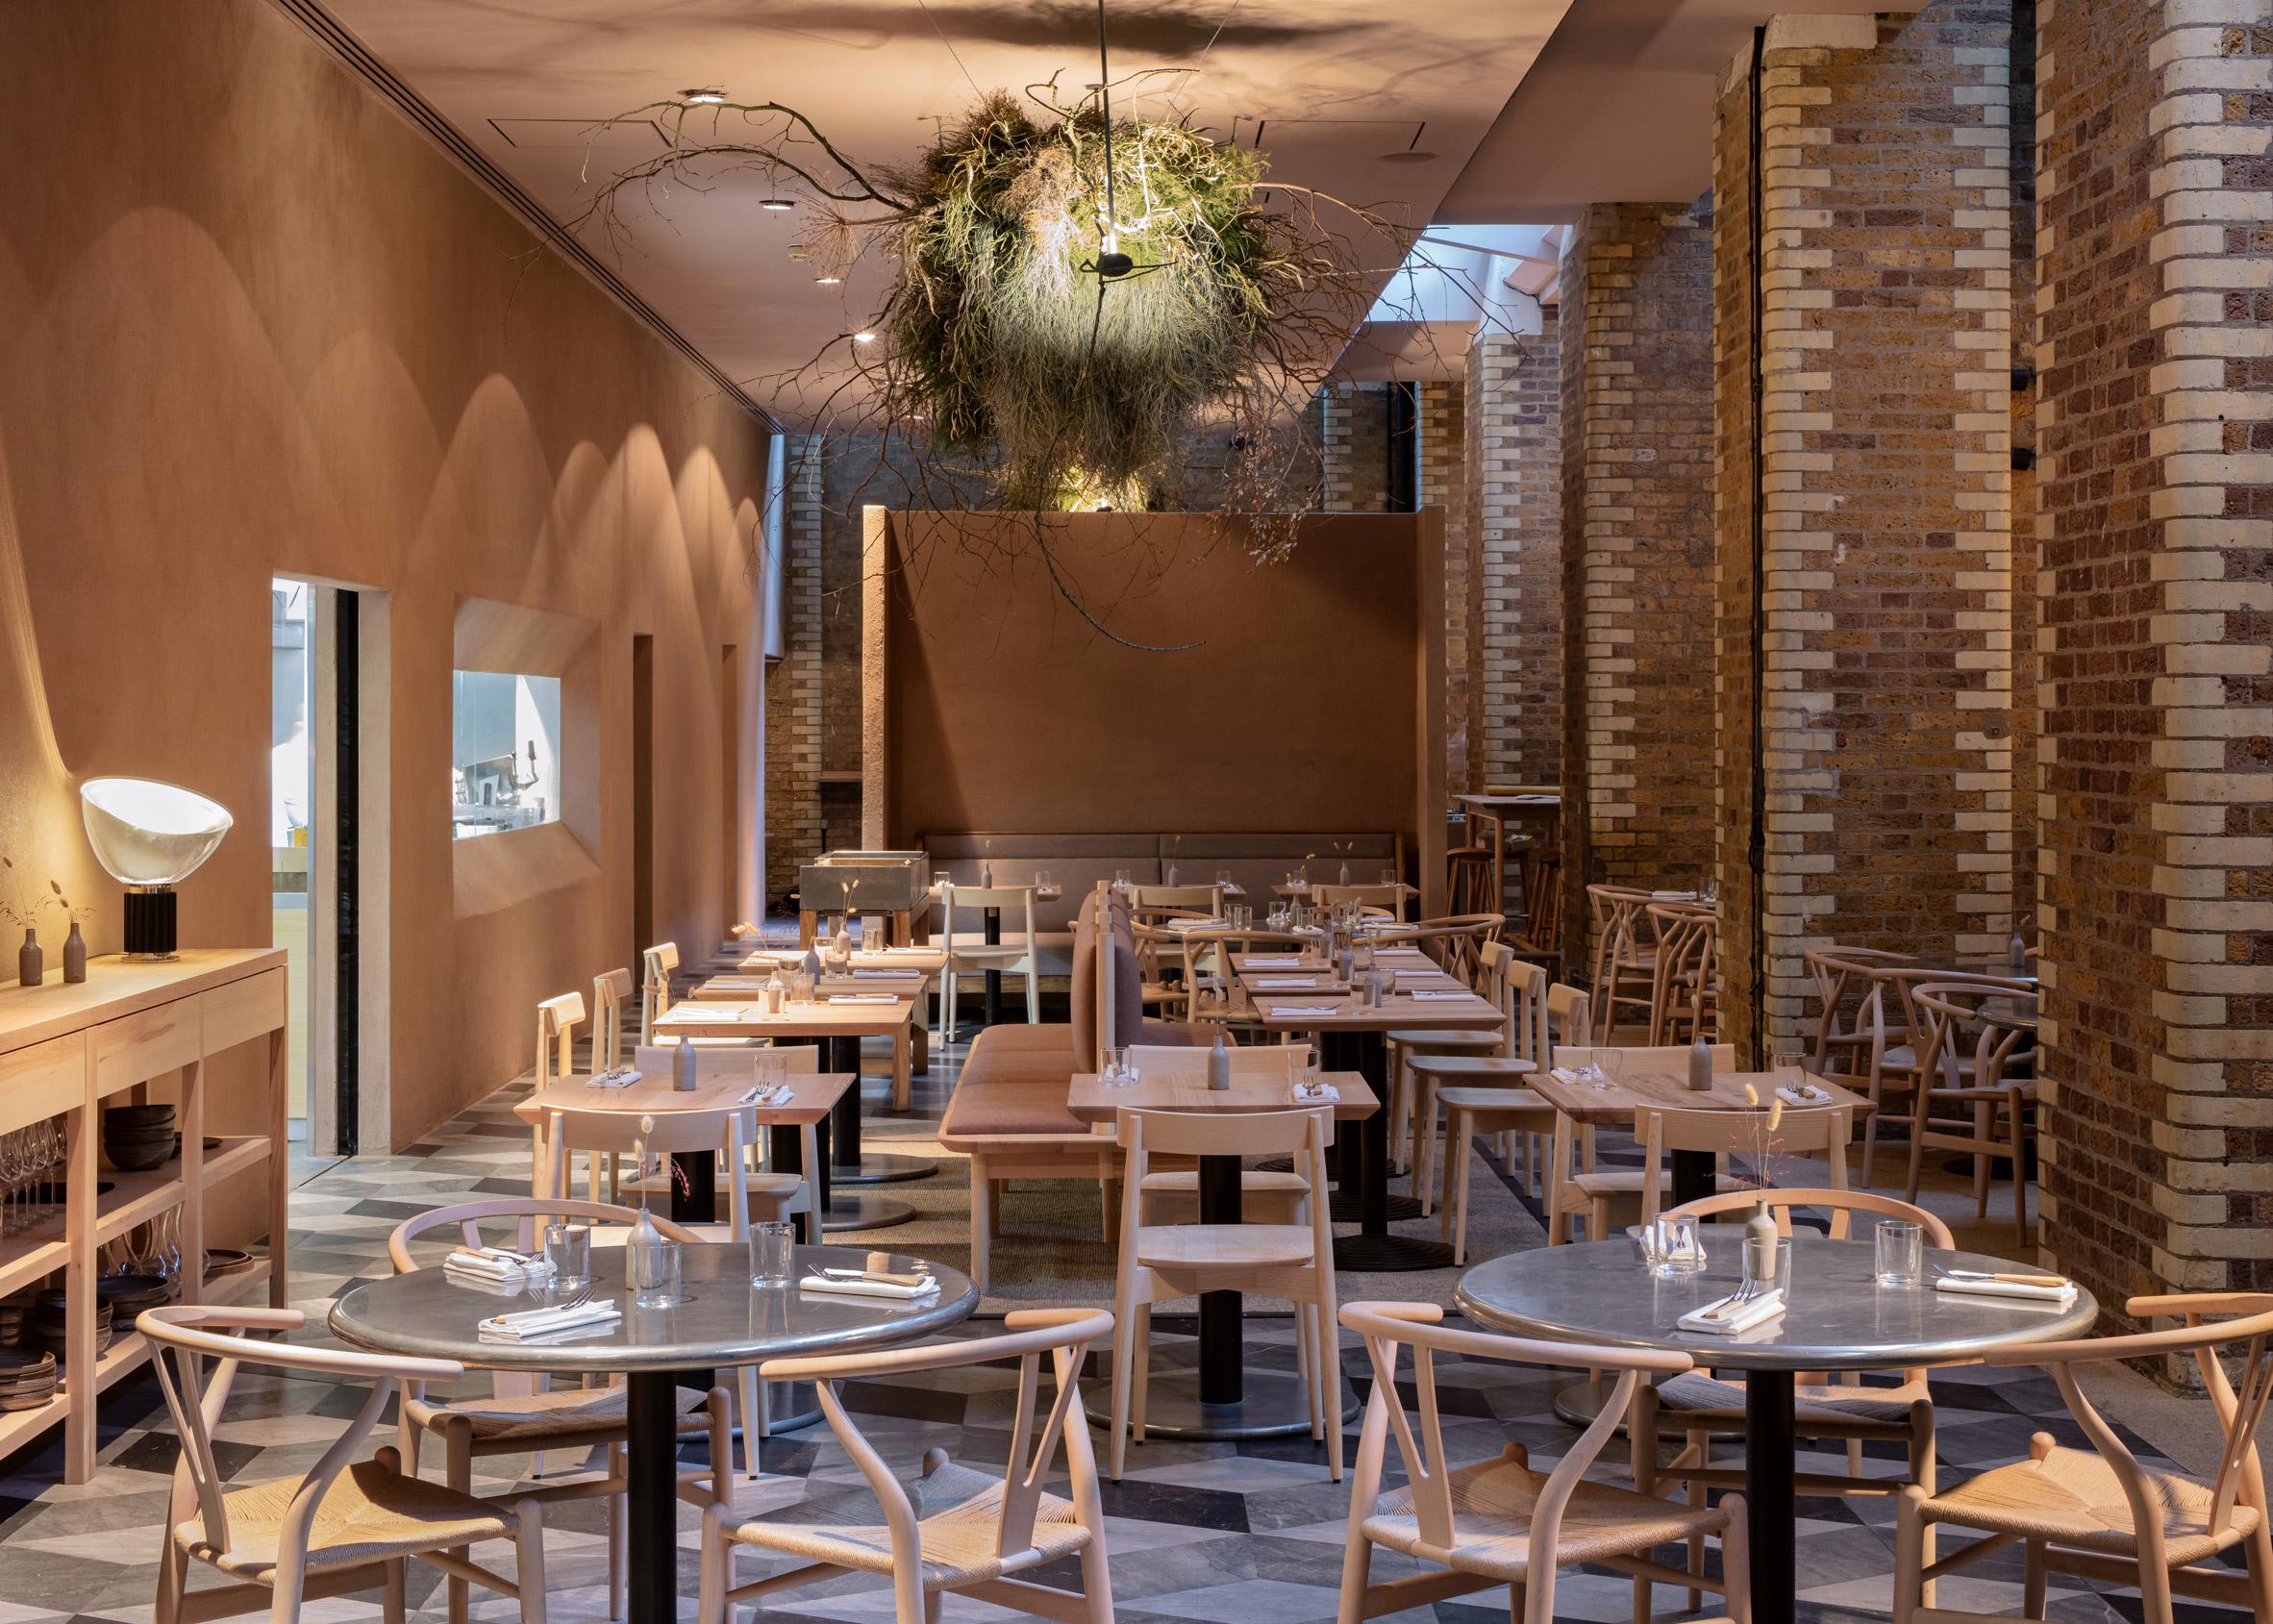 Thiết kế quán cafebằng gỗ 2